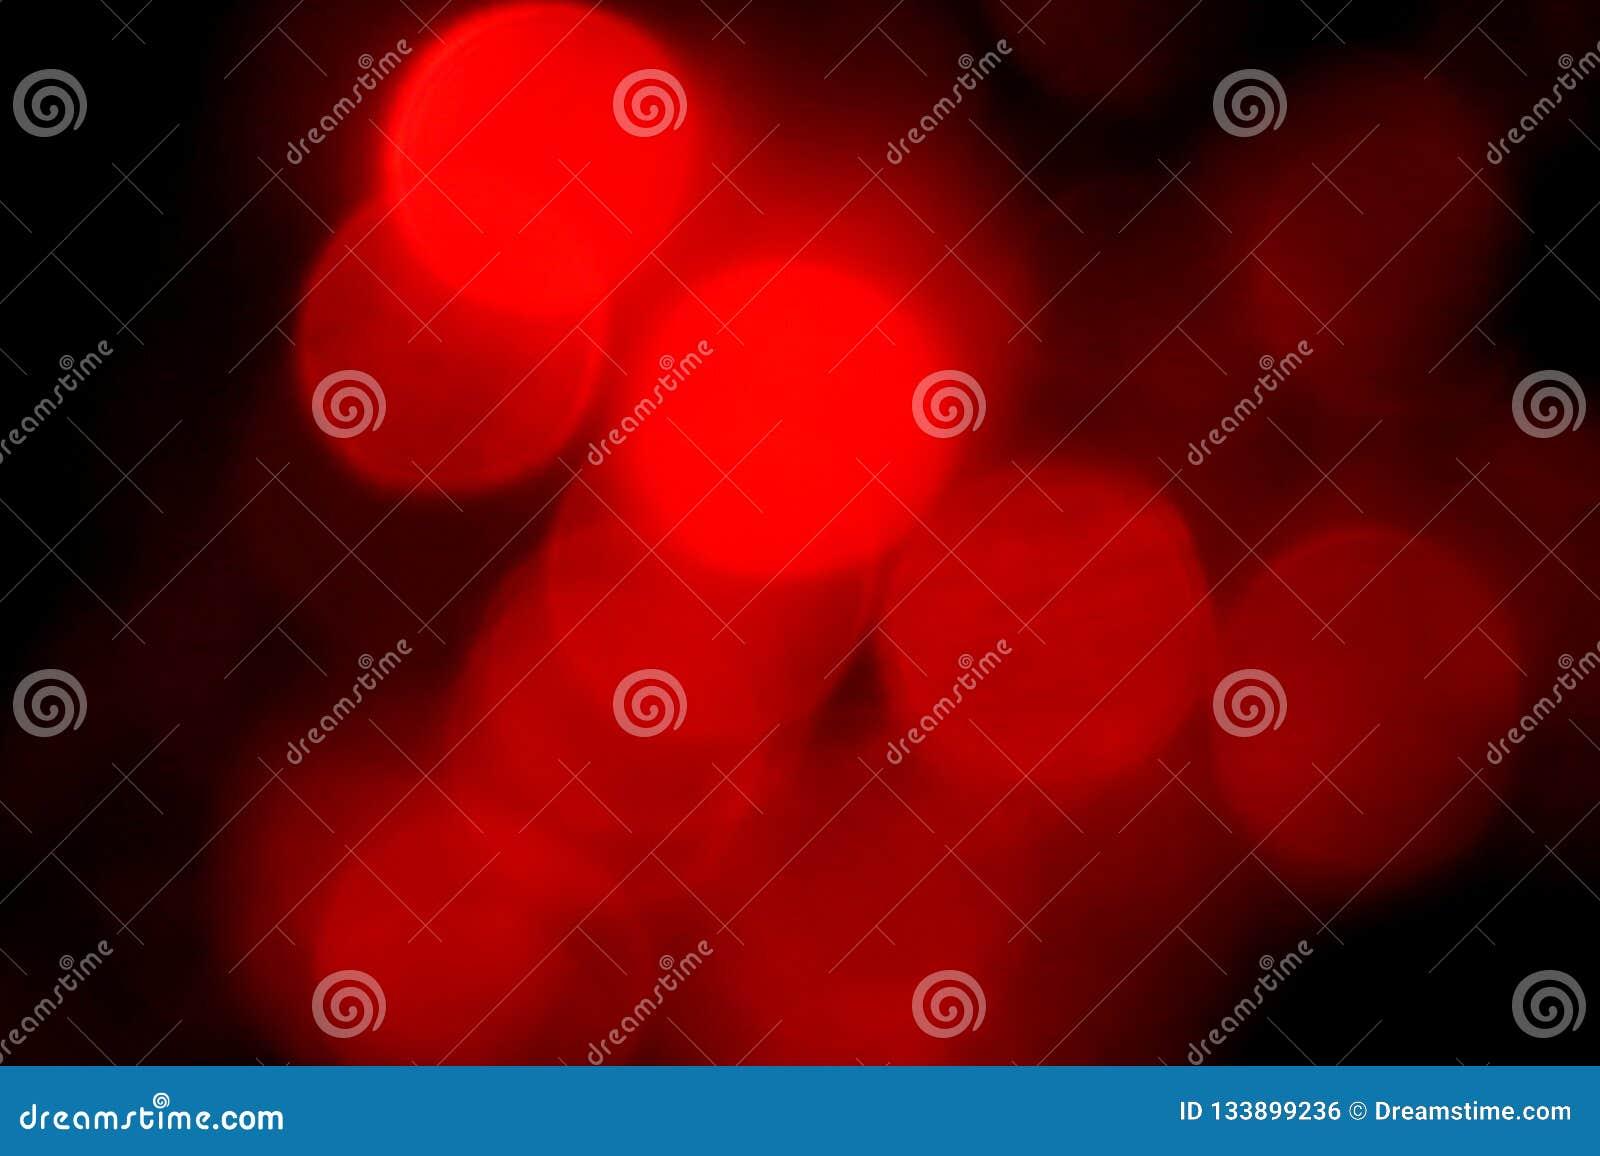 Diep rode lichten - achtergrond